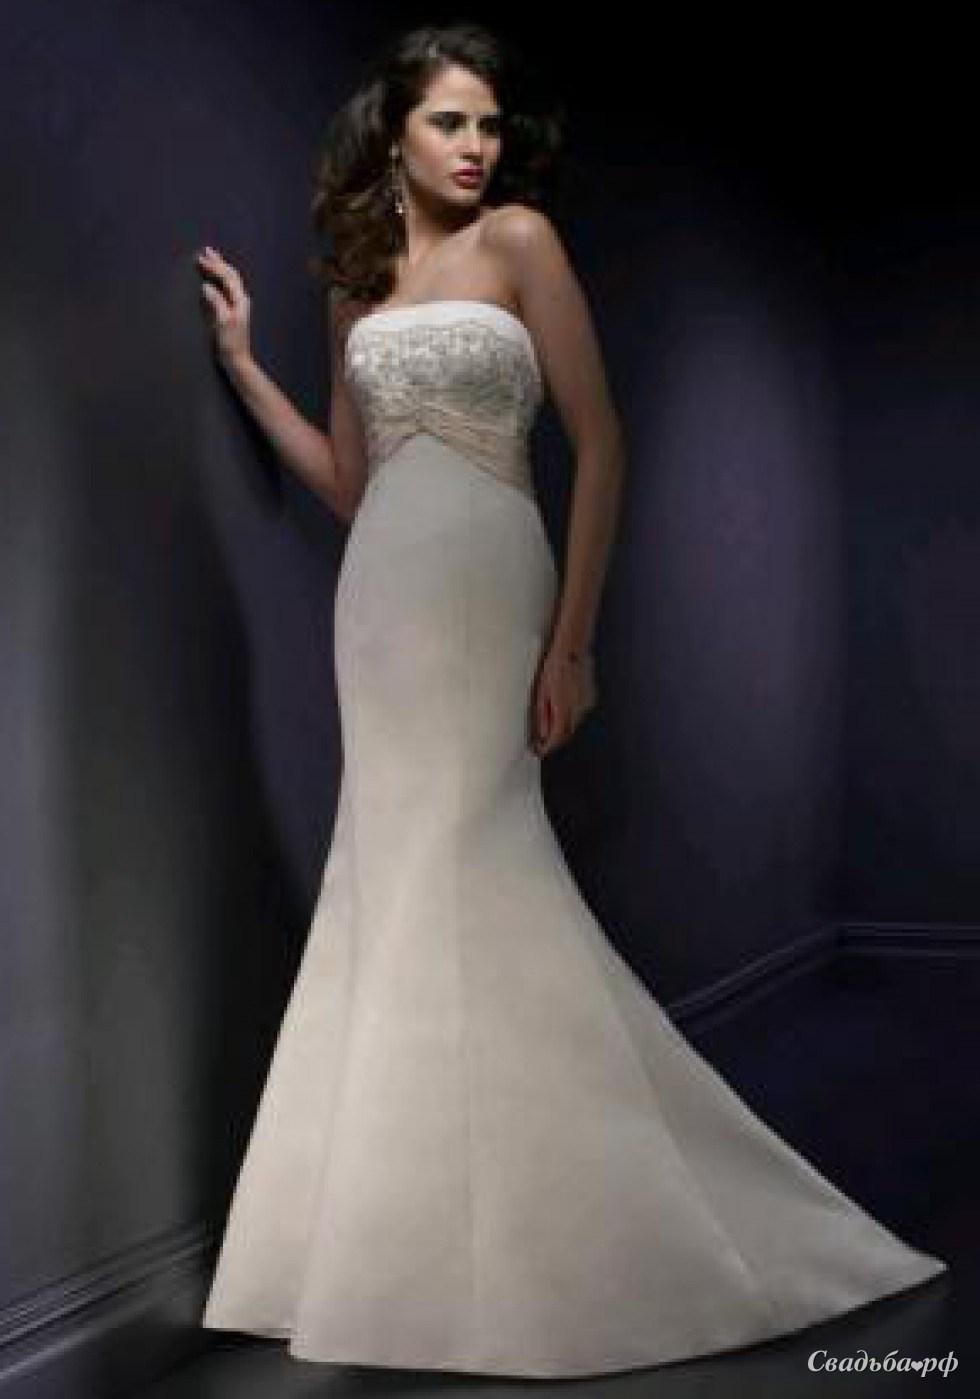 Купить свадебное платье 6143-Р339 (Mori Lee, коллекция Voyage